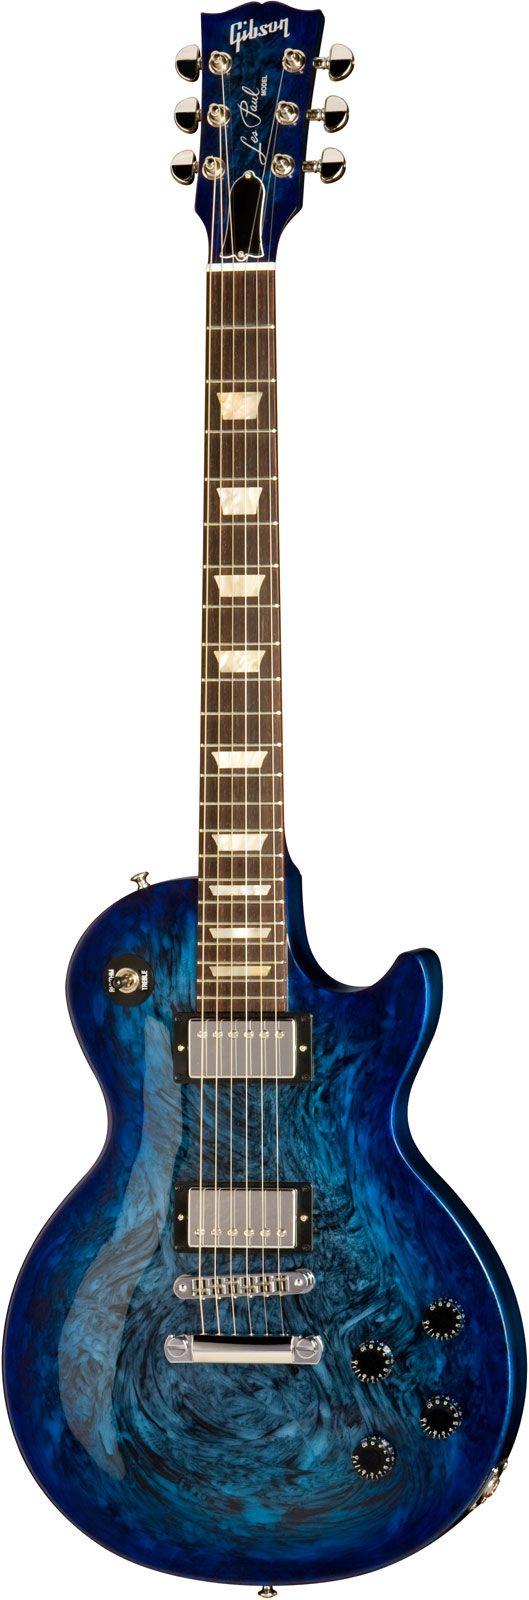 Gibson Anniversary Flood Les Paul Studio Blue Swirl guitare électrique? Achetez moins cher. ✔ Vente instruments de musique ✔ Garantie du meilleur prix ✔ Garantie de 3 ans ✔ Gamme énorme